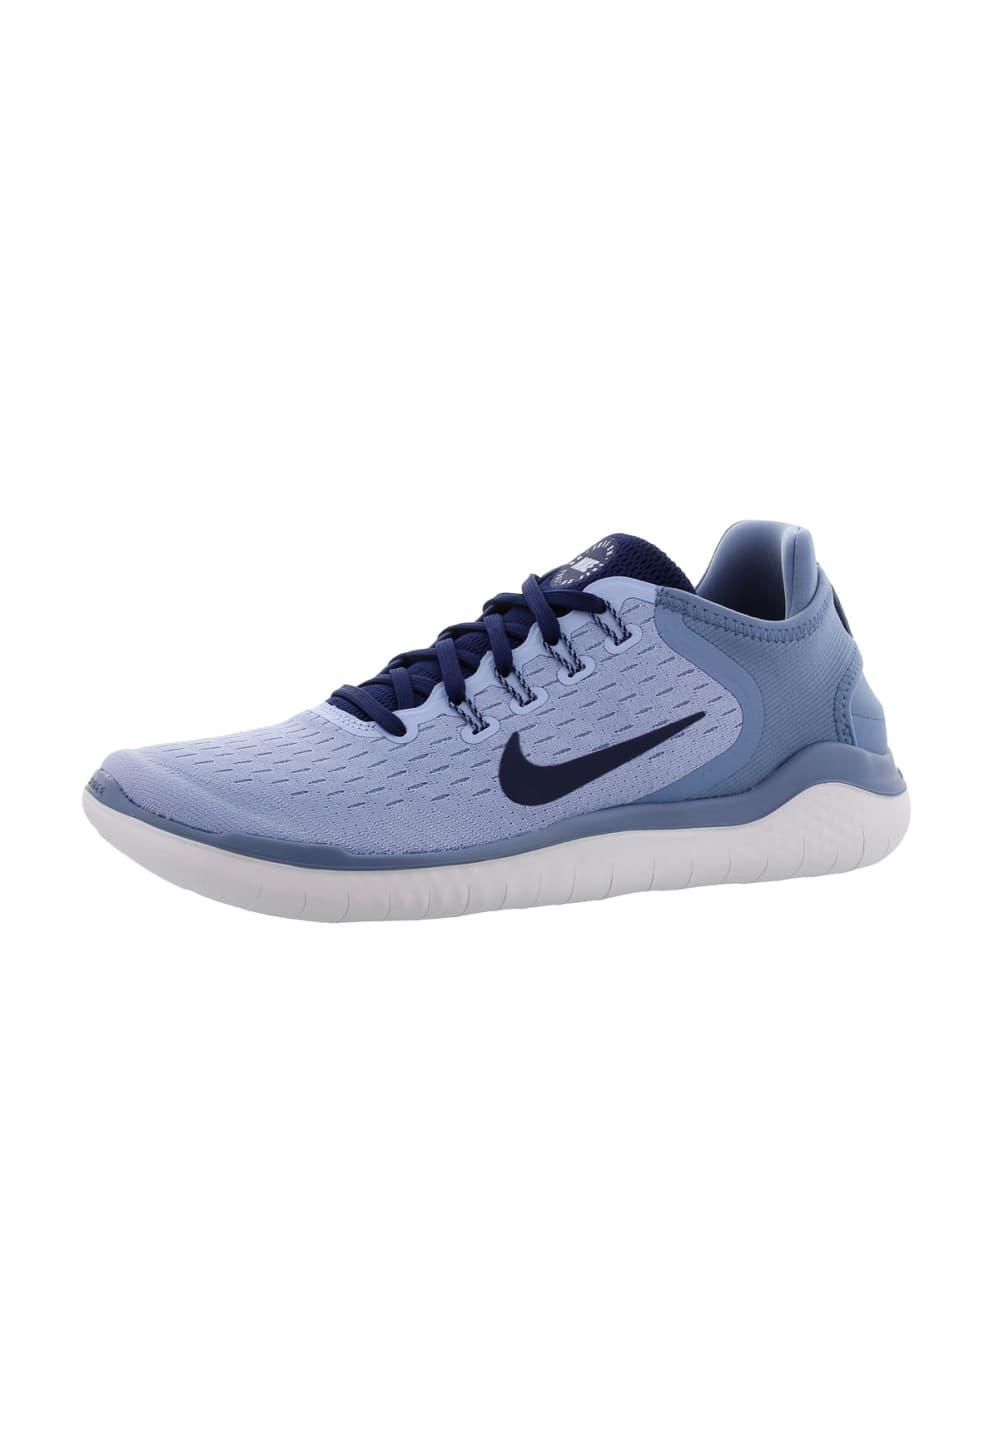 chaussures de séparation a57a9 94ba6 Nike Free RN 2018 - Chaussures running pour Femme - Bleu